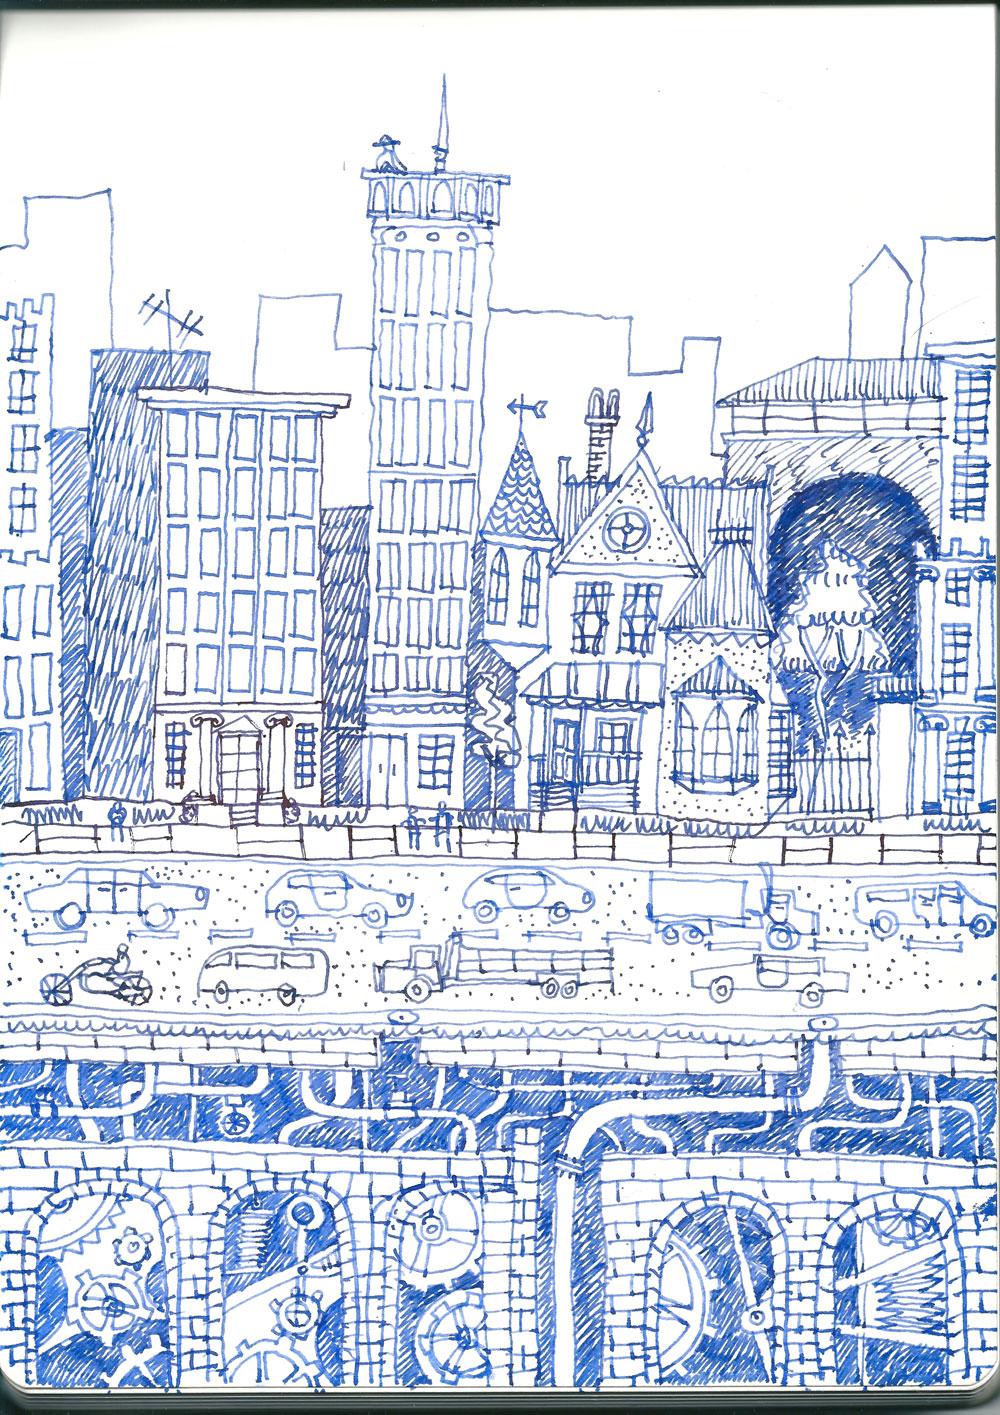 city-skyline-sketch.jpg